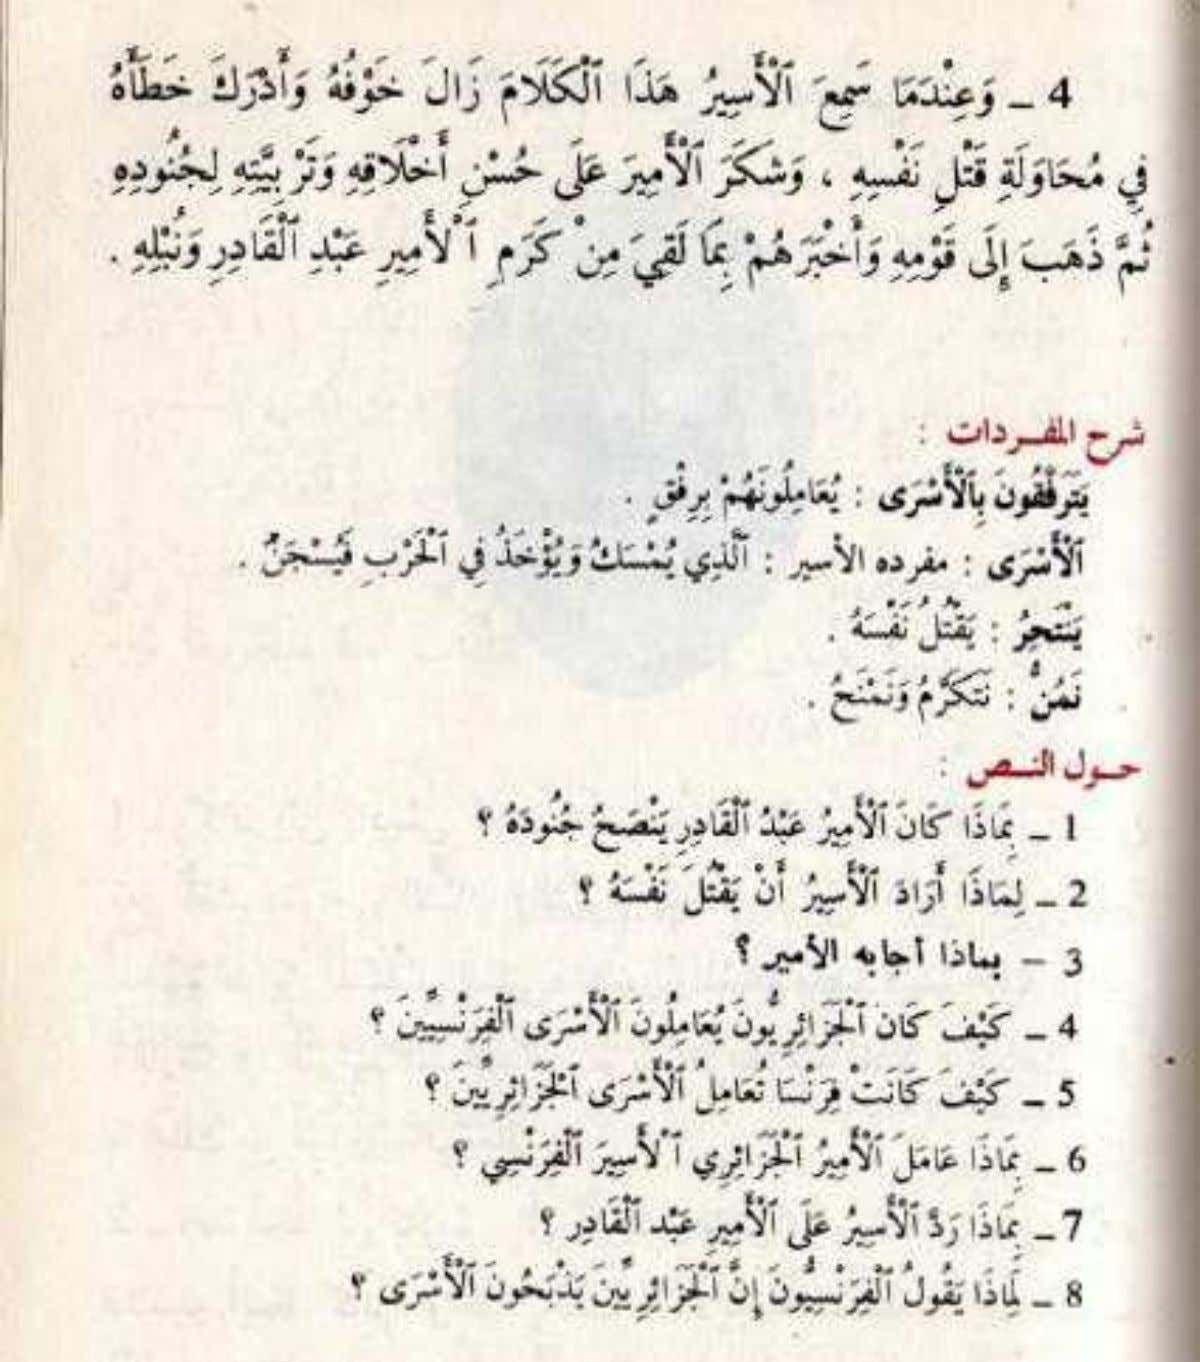 كتاب السنة الخامسة أساسي الجزائر الثمانينات و التسعينات Free Ebooks Download Books Free Ebooks Download Download Books